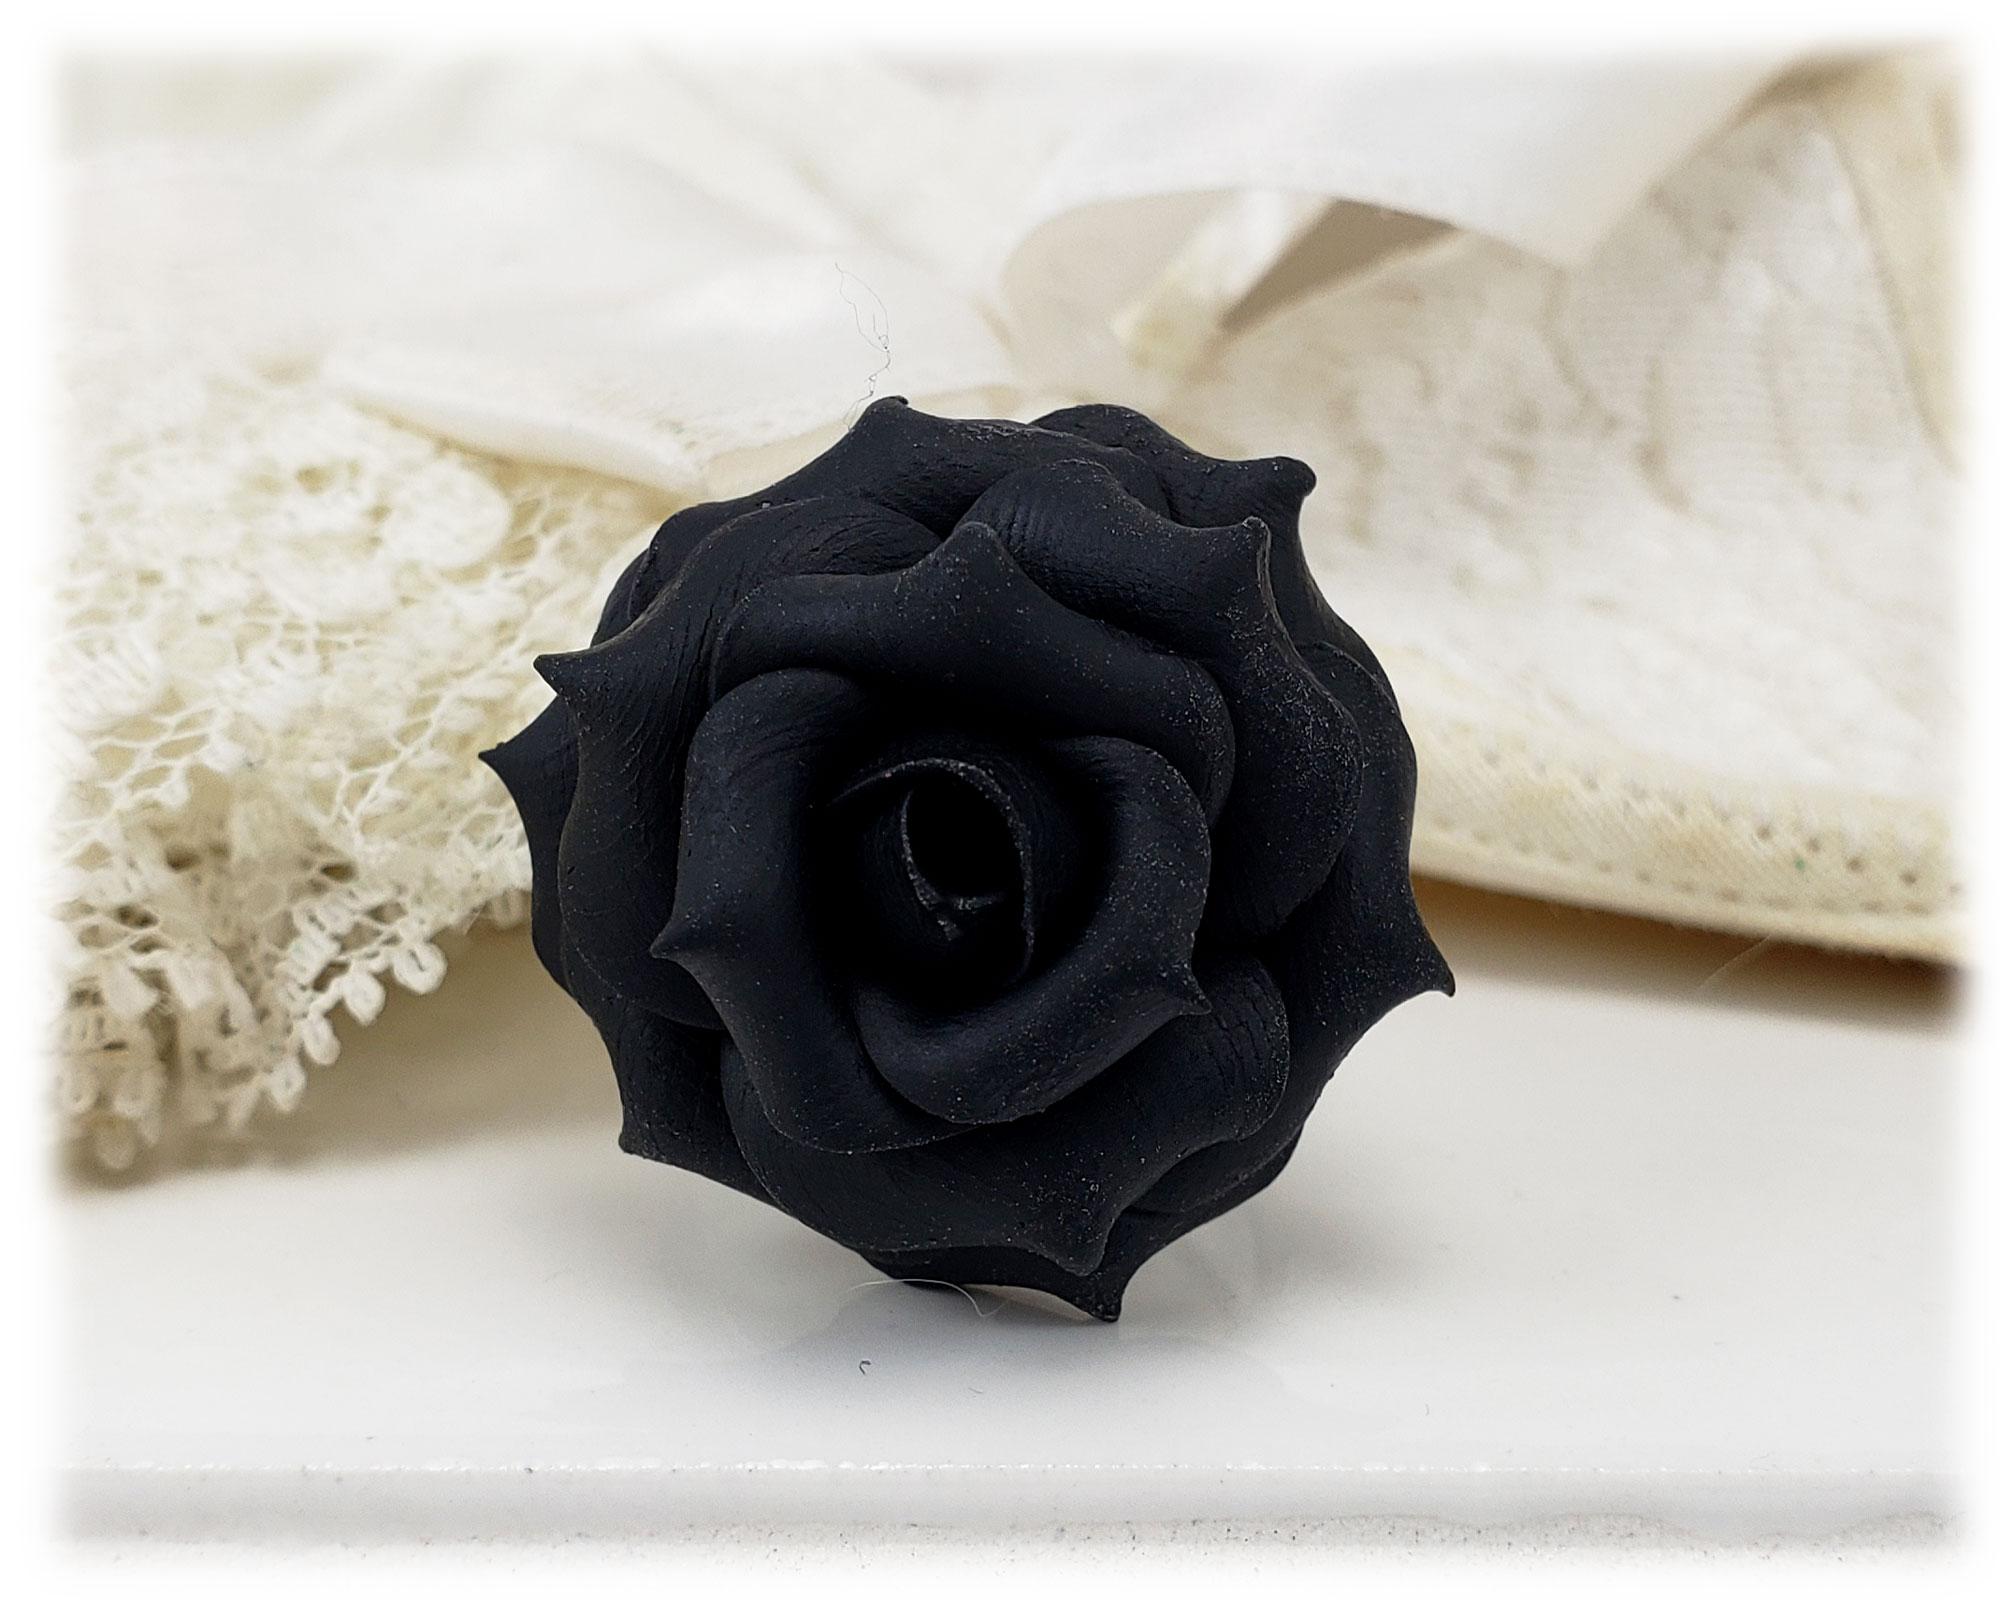 Hình ảnh hoa hồng đen và vải trắng